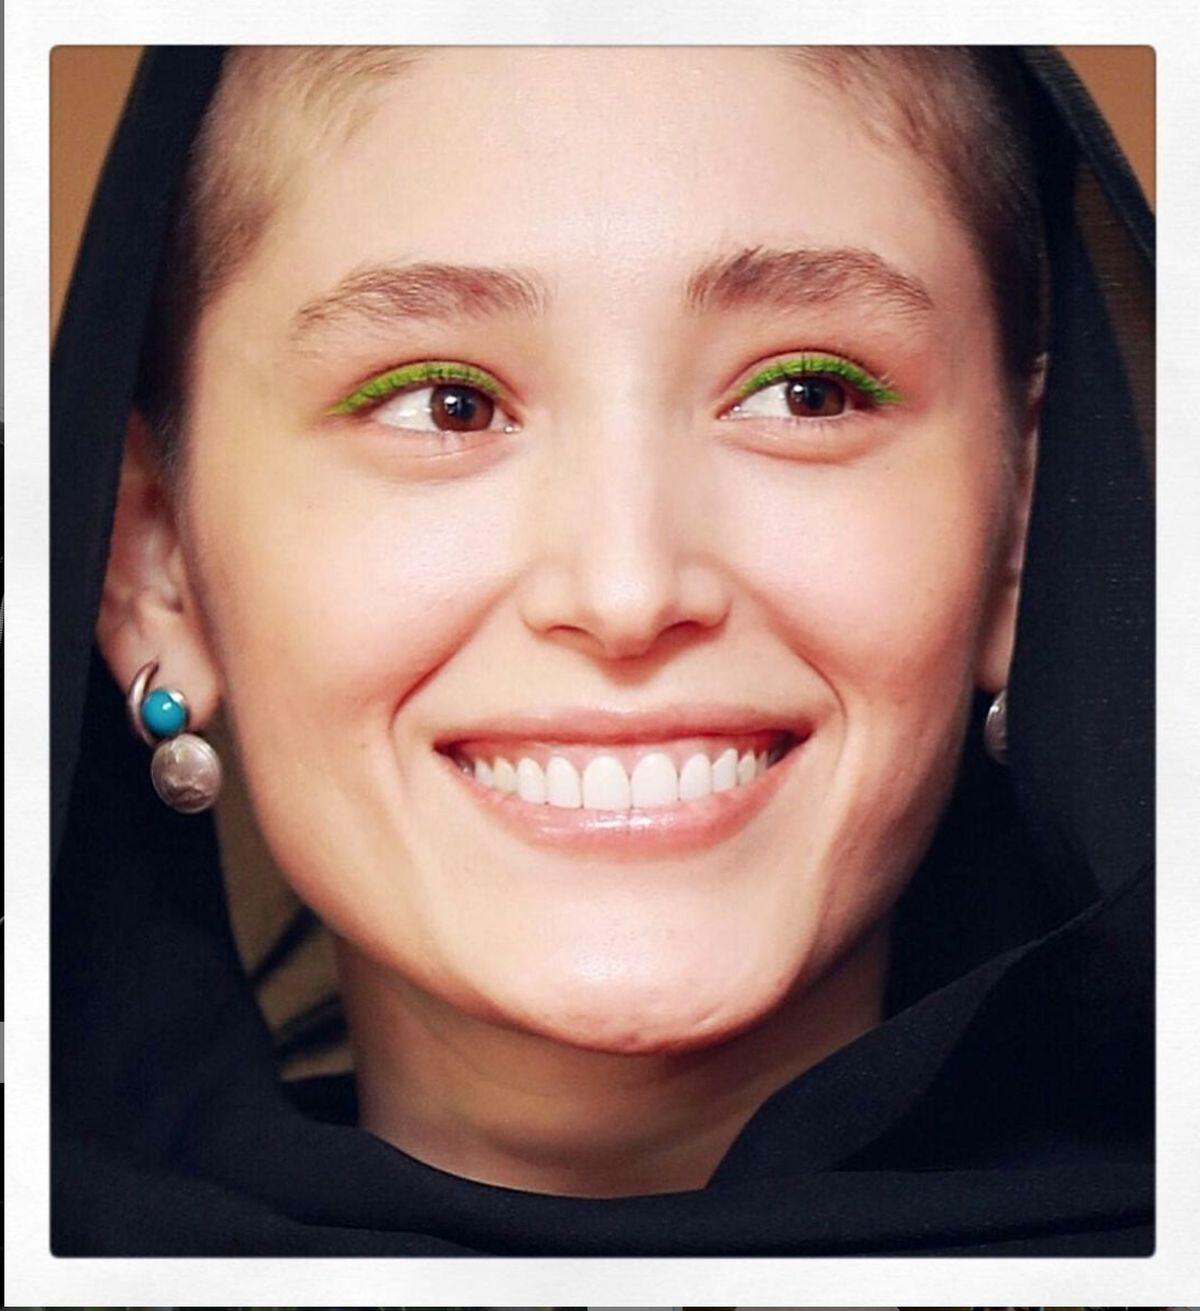 تولد لاکچری فرشته حسینی + عکس جنجالی فرشته در کنار نوید محمدزاده